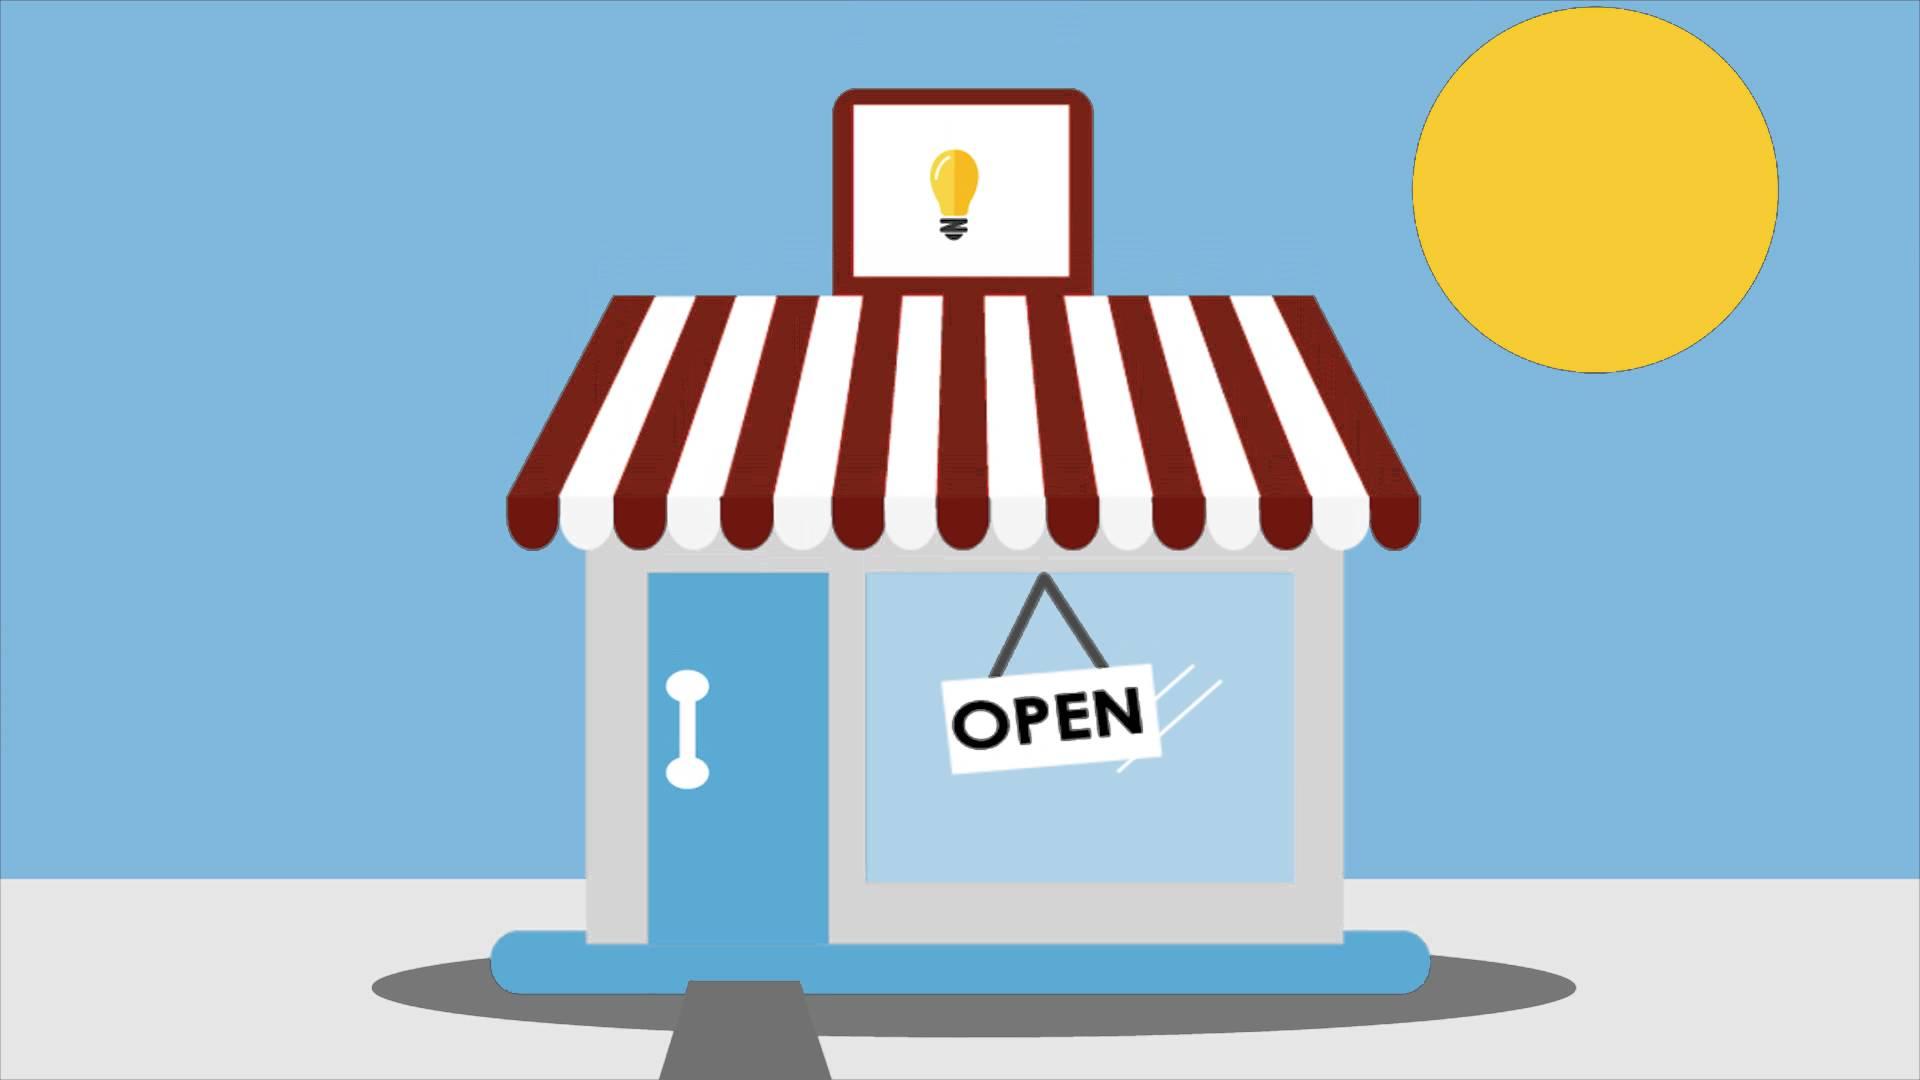 Shop #SmallbizSaturday in your Neighbourhood October 22 via @CFIBBuzz #SBW2016